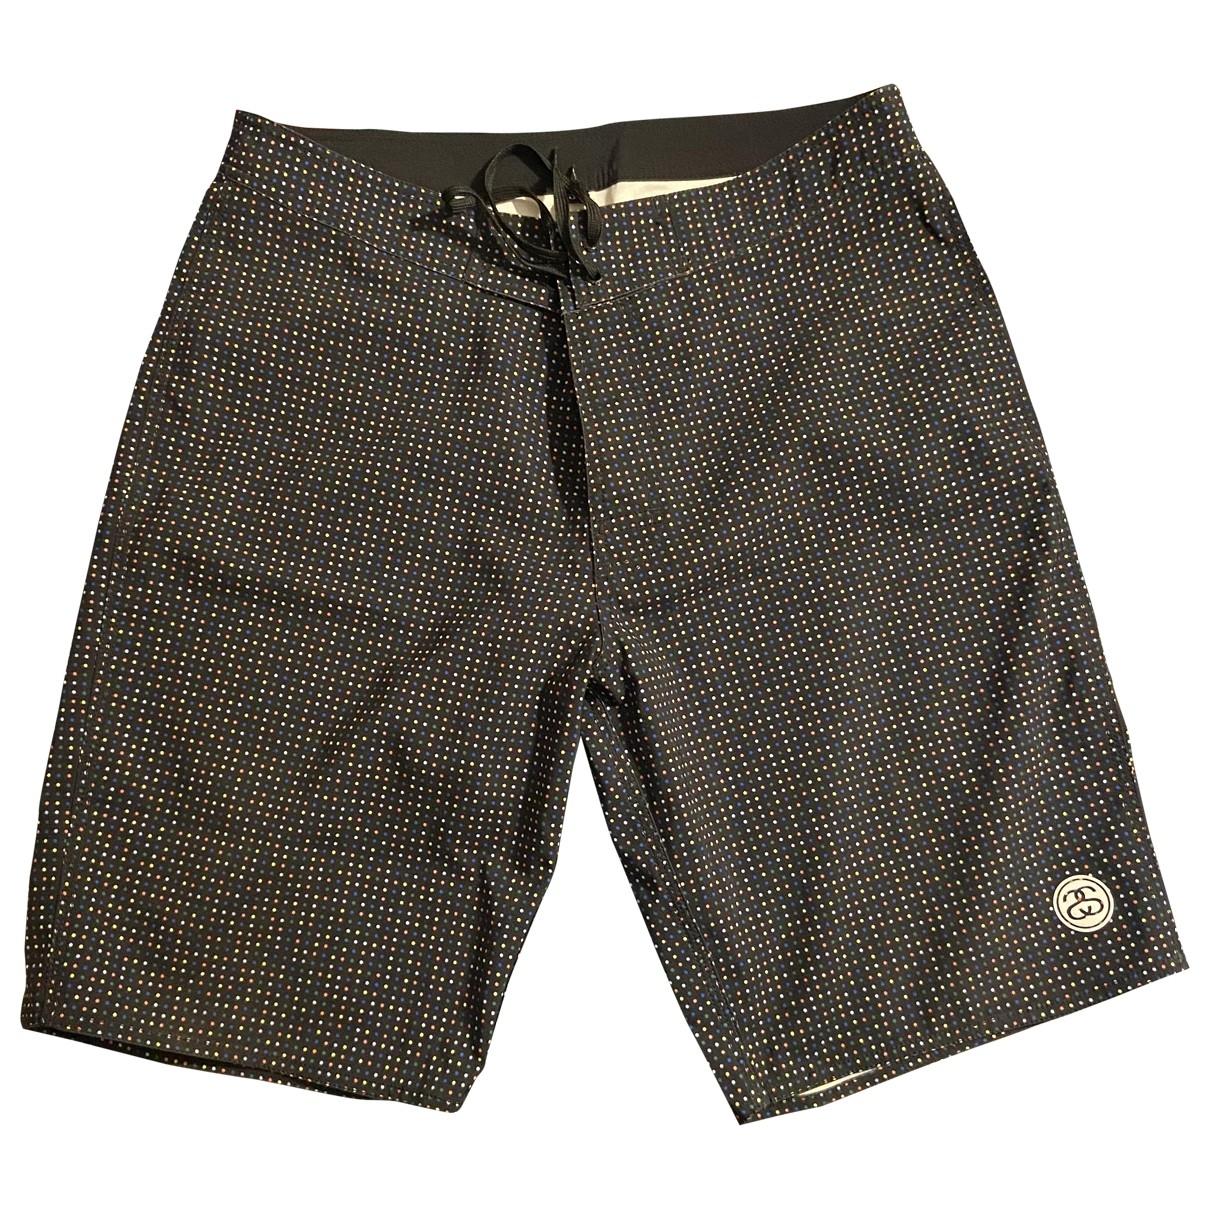 Stussy \N Shorts in  Schwarz Polyester